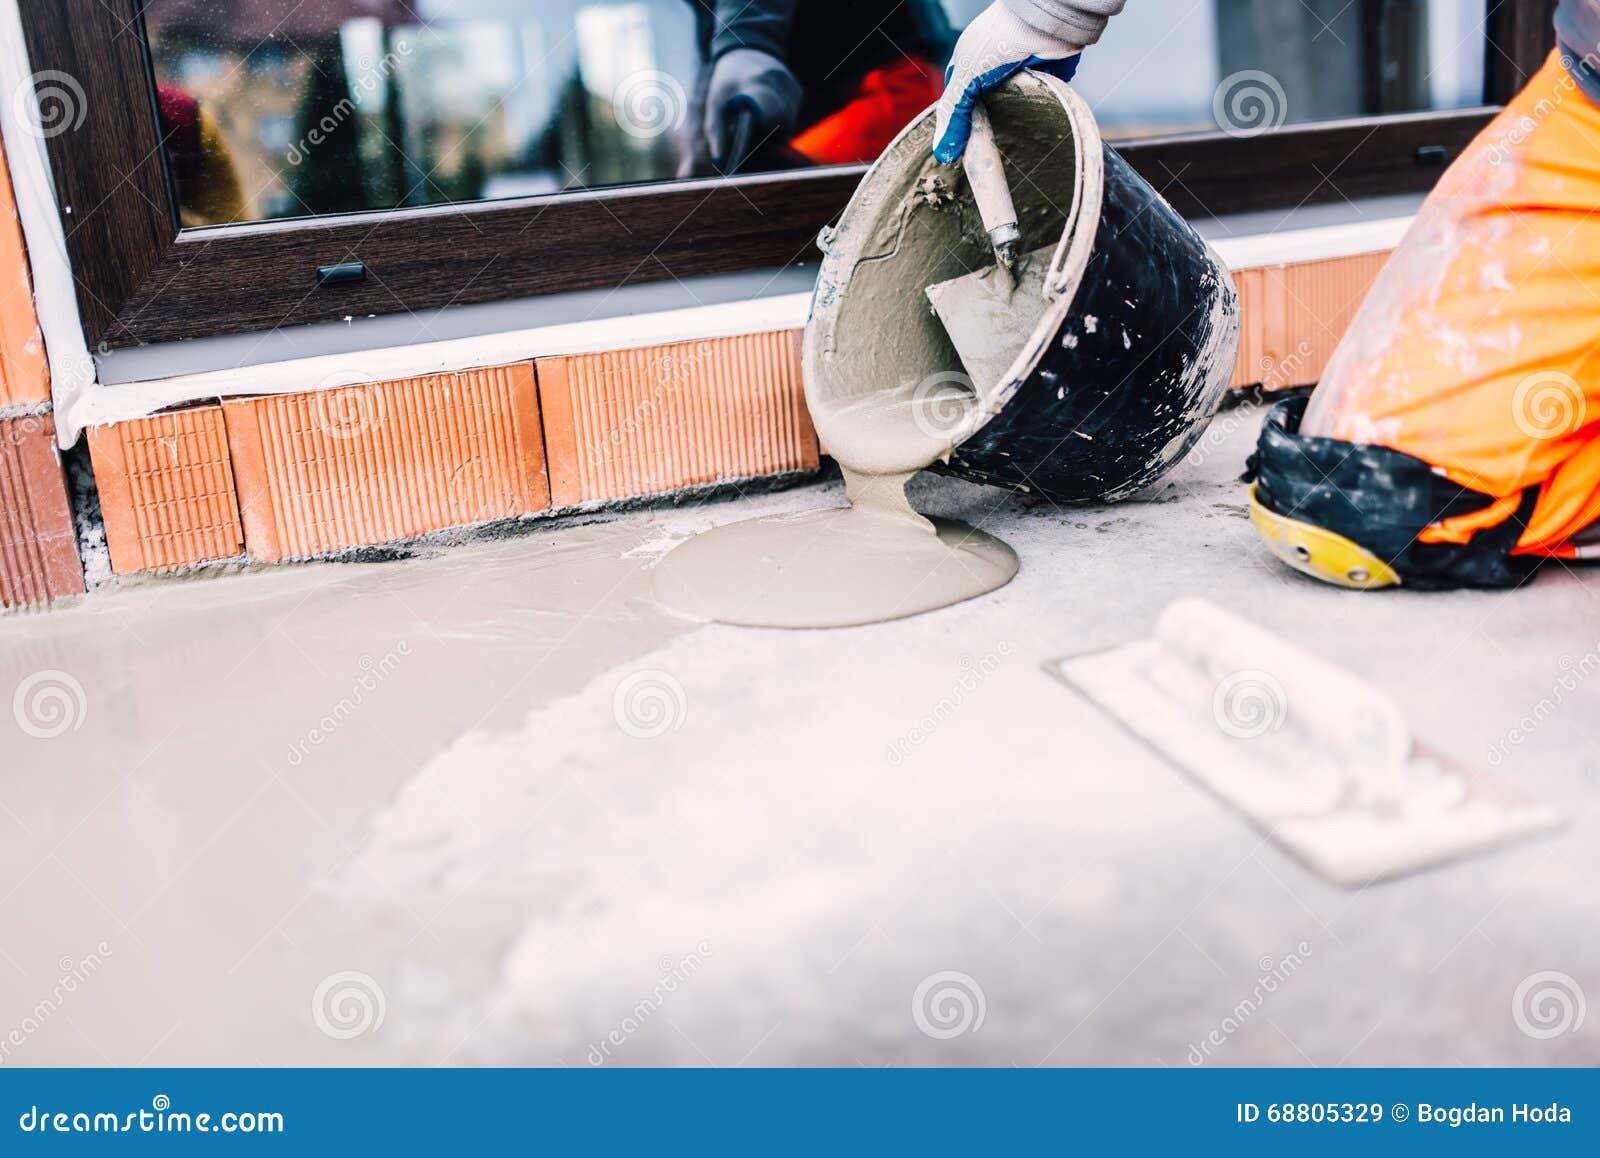 Arbeider op bouwwerf gietend dichtingsproduct van emmer for Huis waterdicht maken